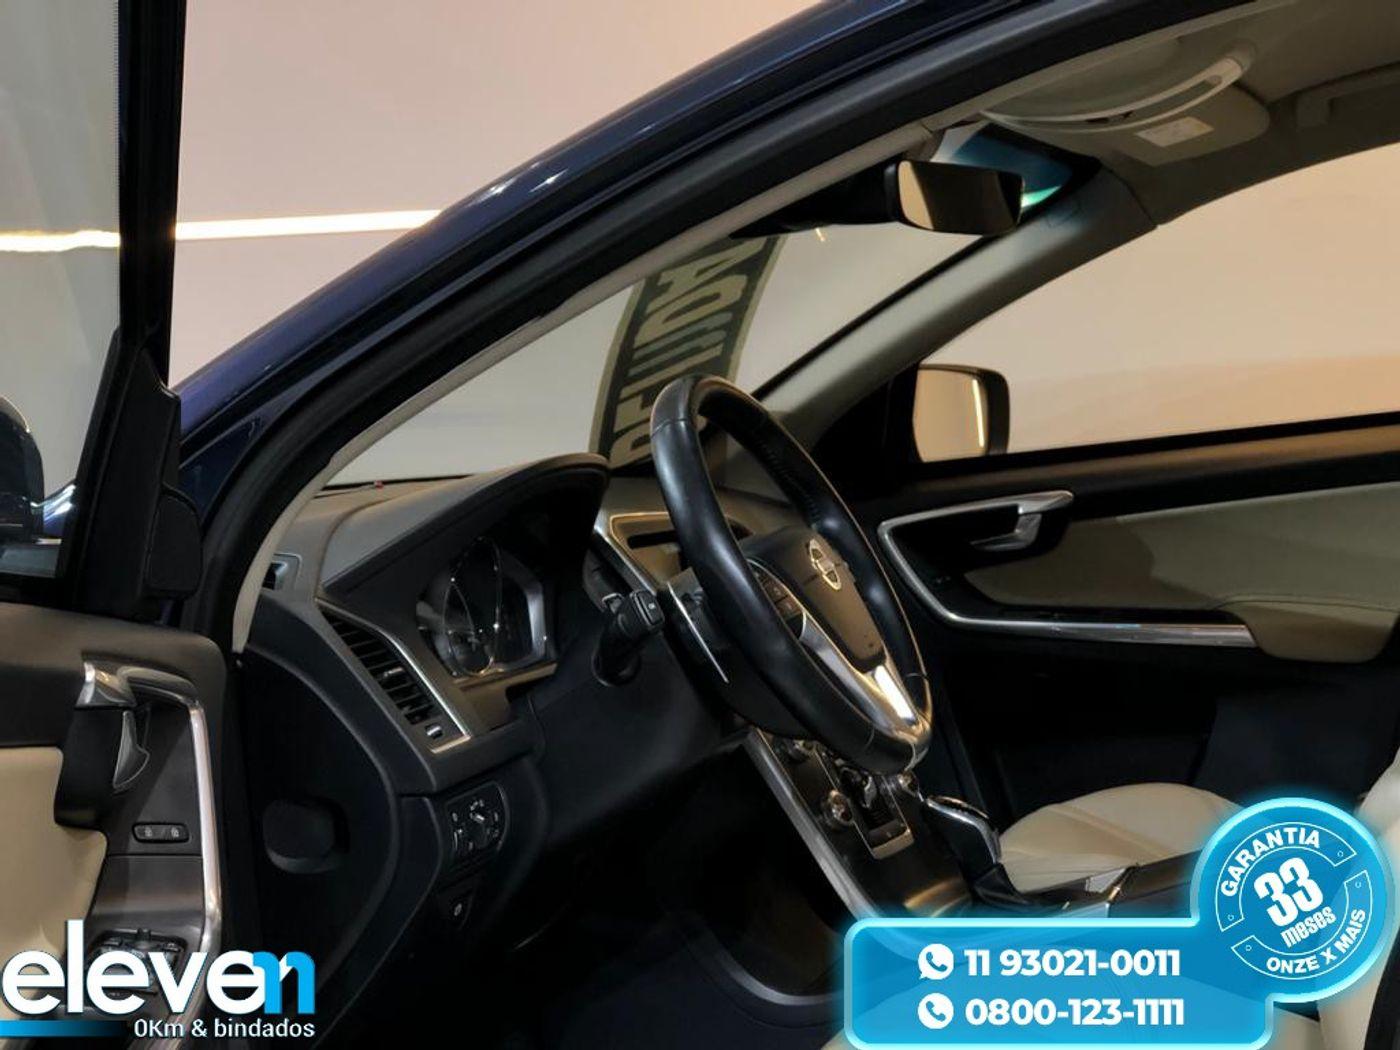 Volvo XC 60 T-5 R-DESIGN 2.0 FWD 5p